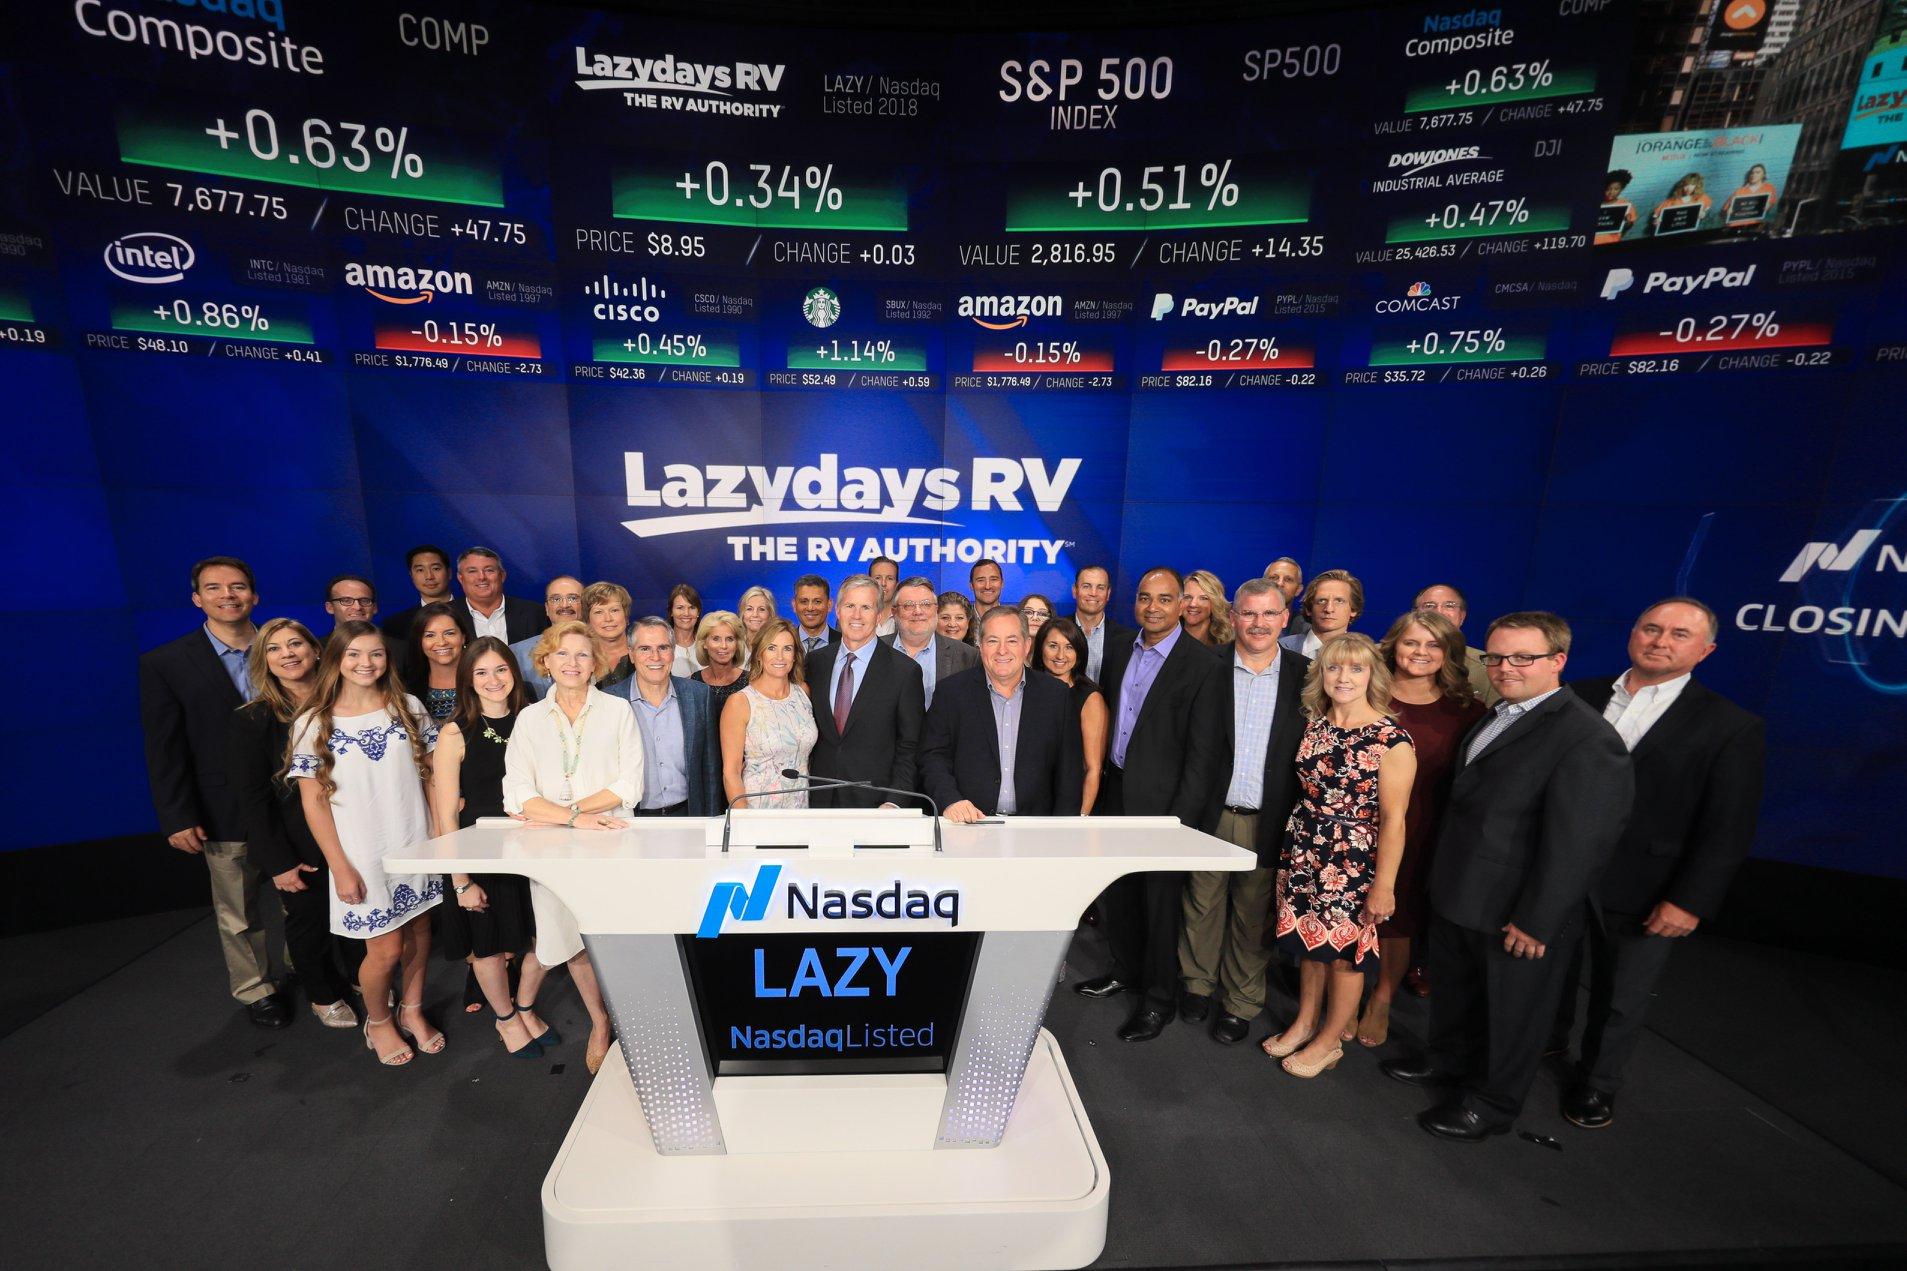 Lazydays RV at Nasdaq Bell Ceremony